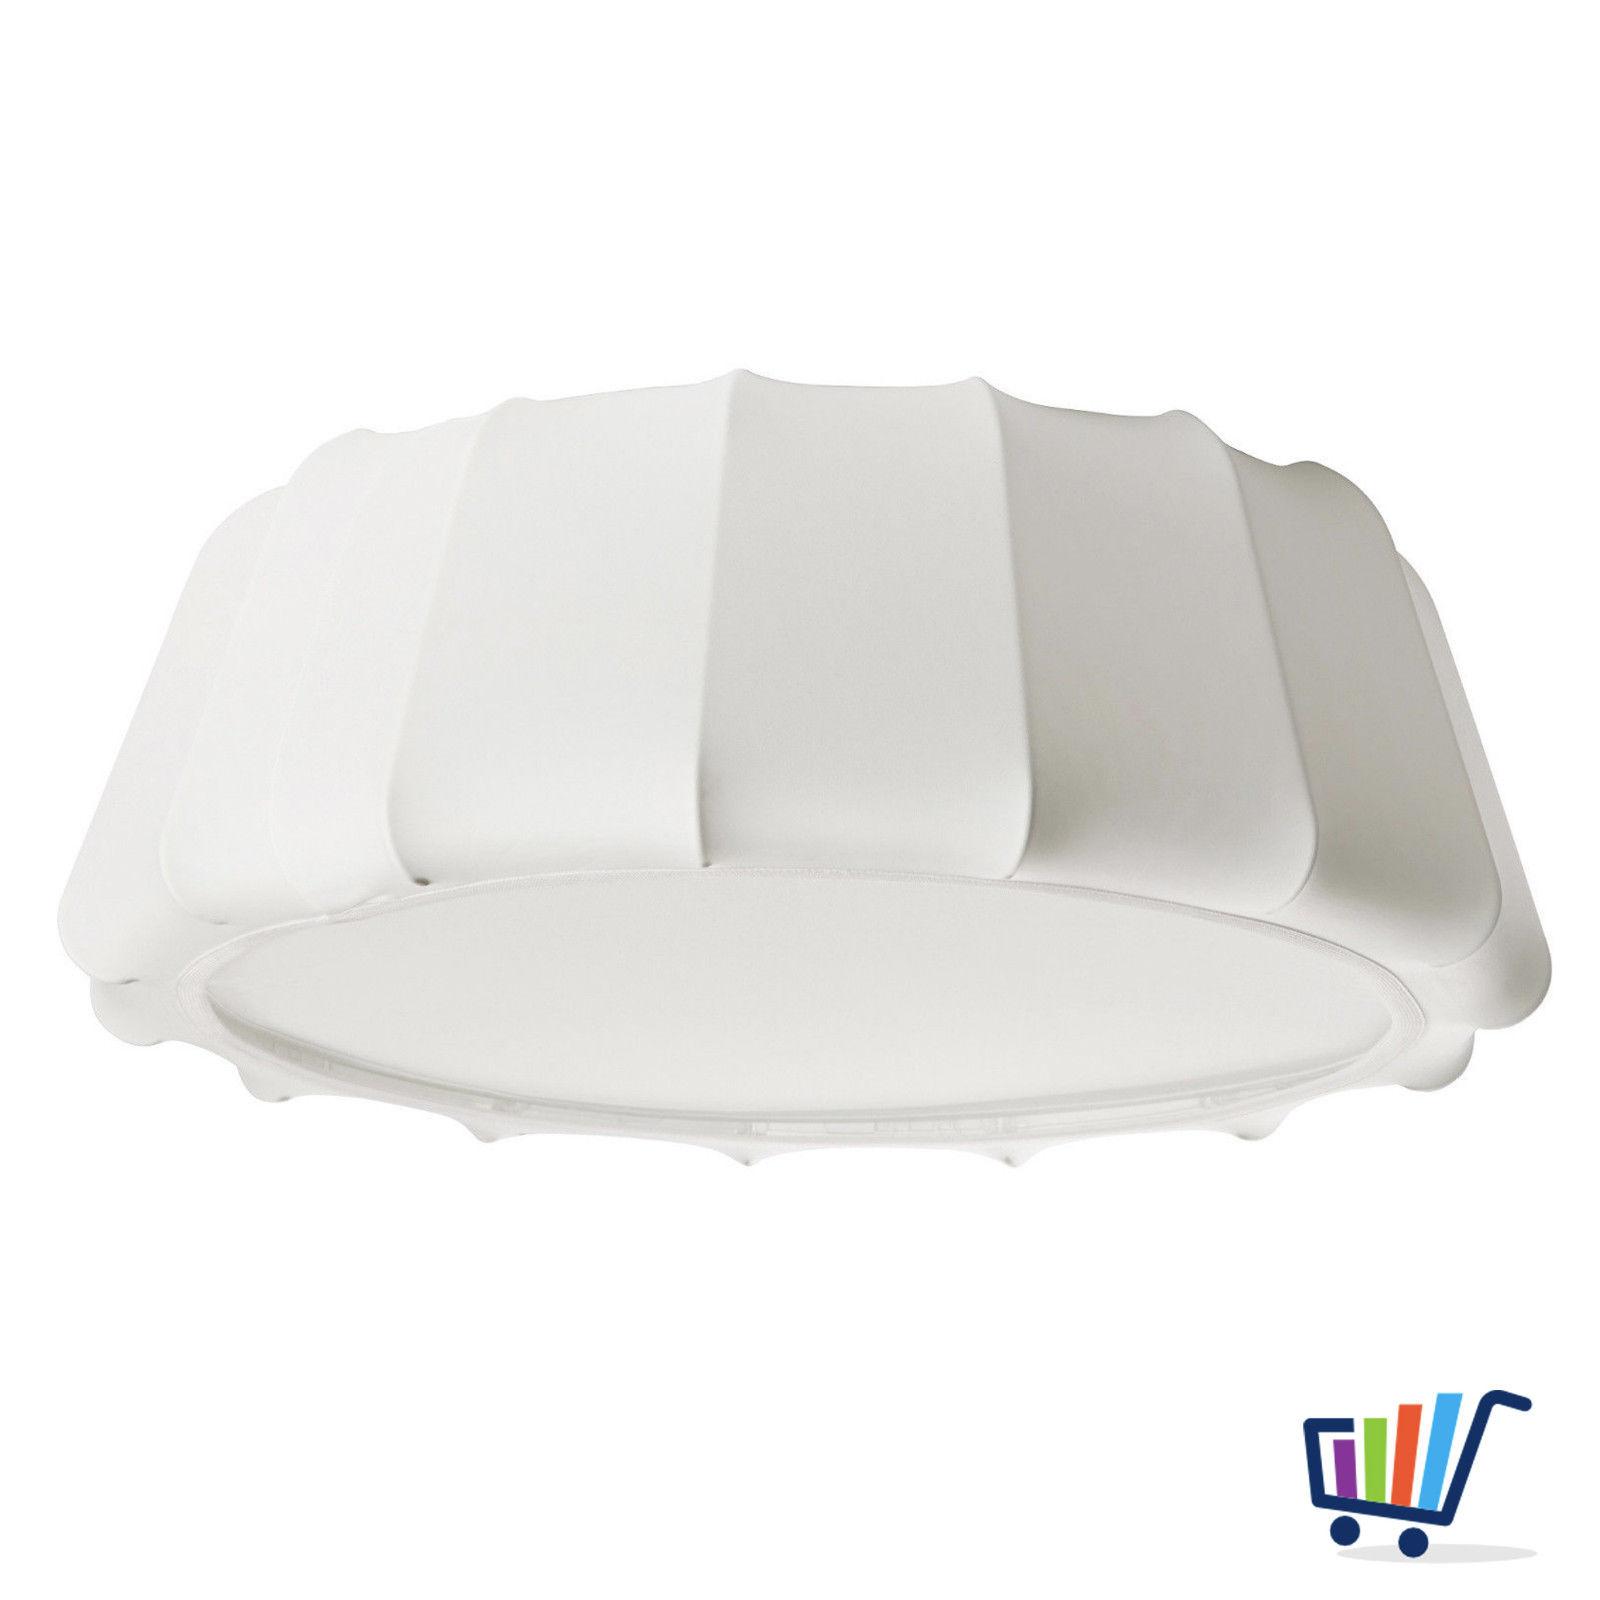 IKEA VARV Deckenlampe Deckenleuchte Lampe Leuchte Wohnzimmer Beleuchtung  weiß